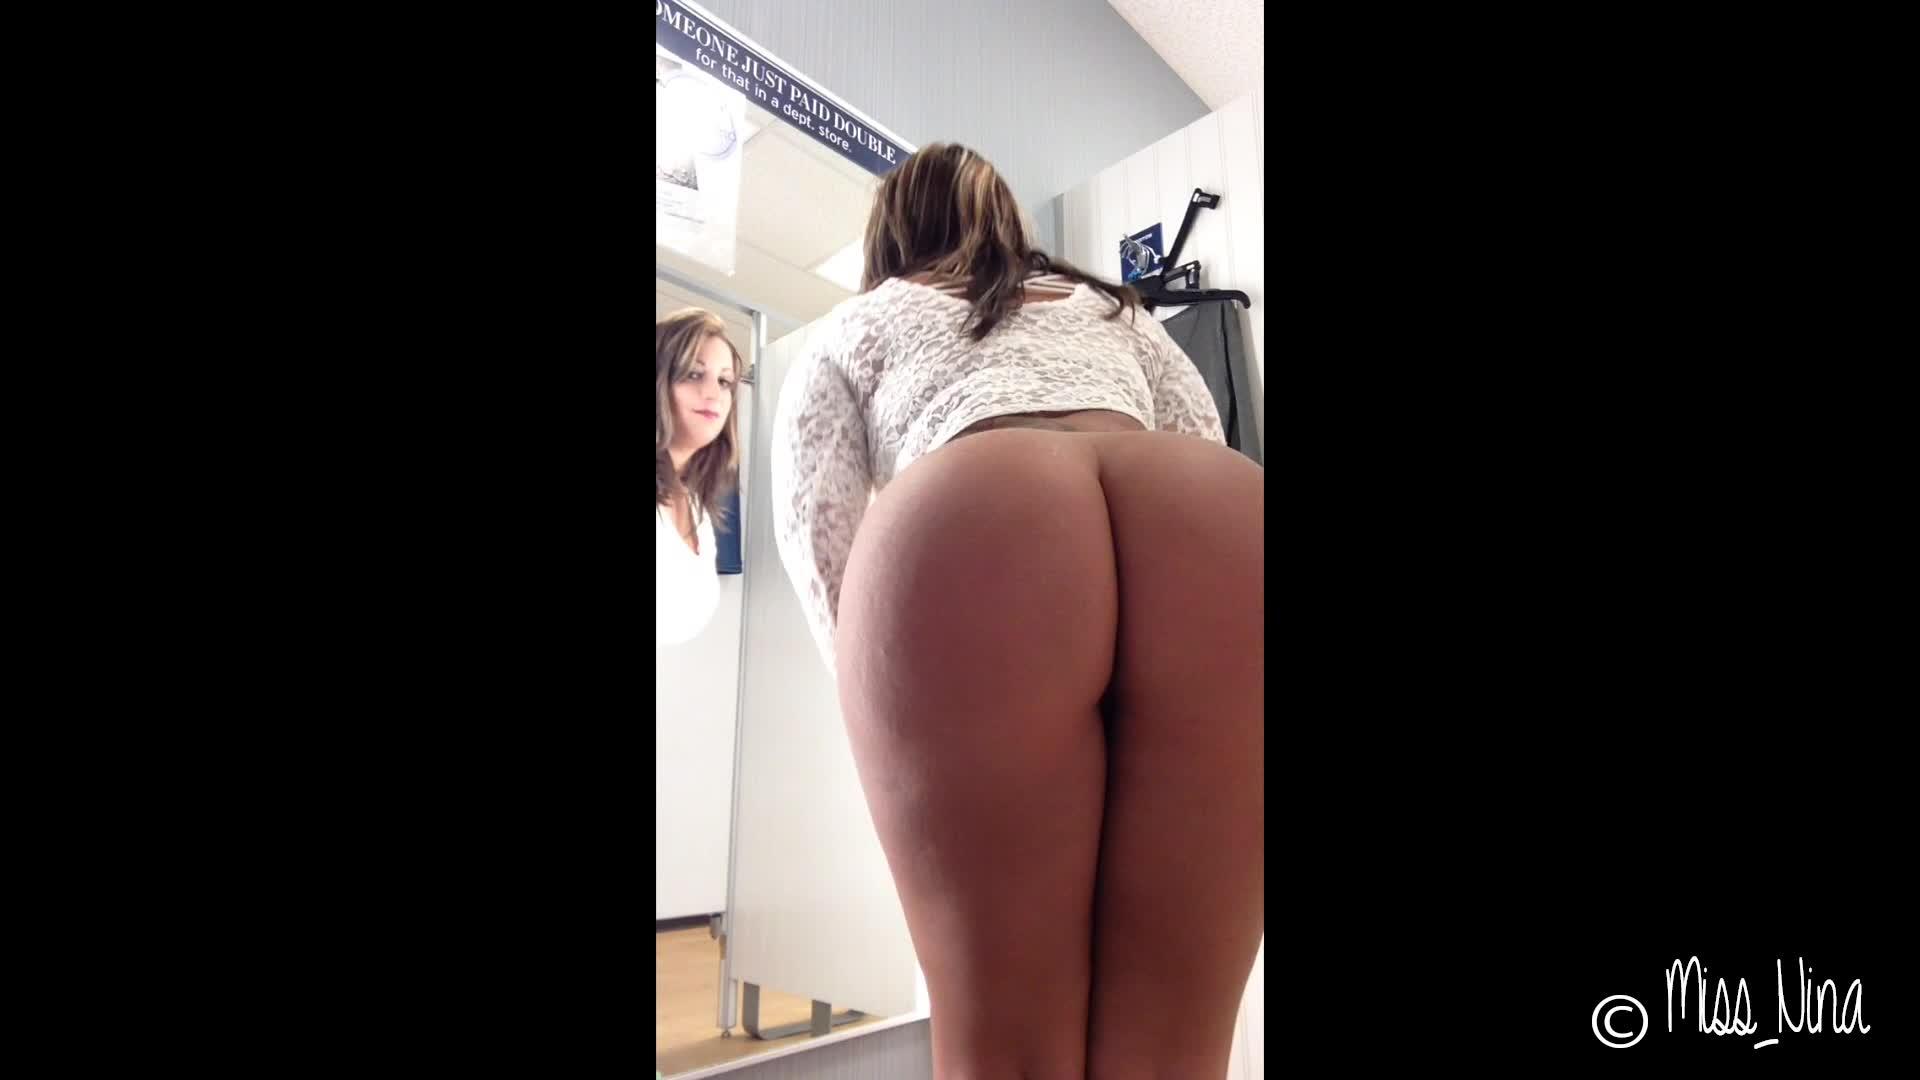 Miss_nina'd vid